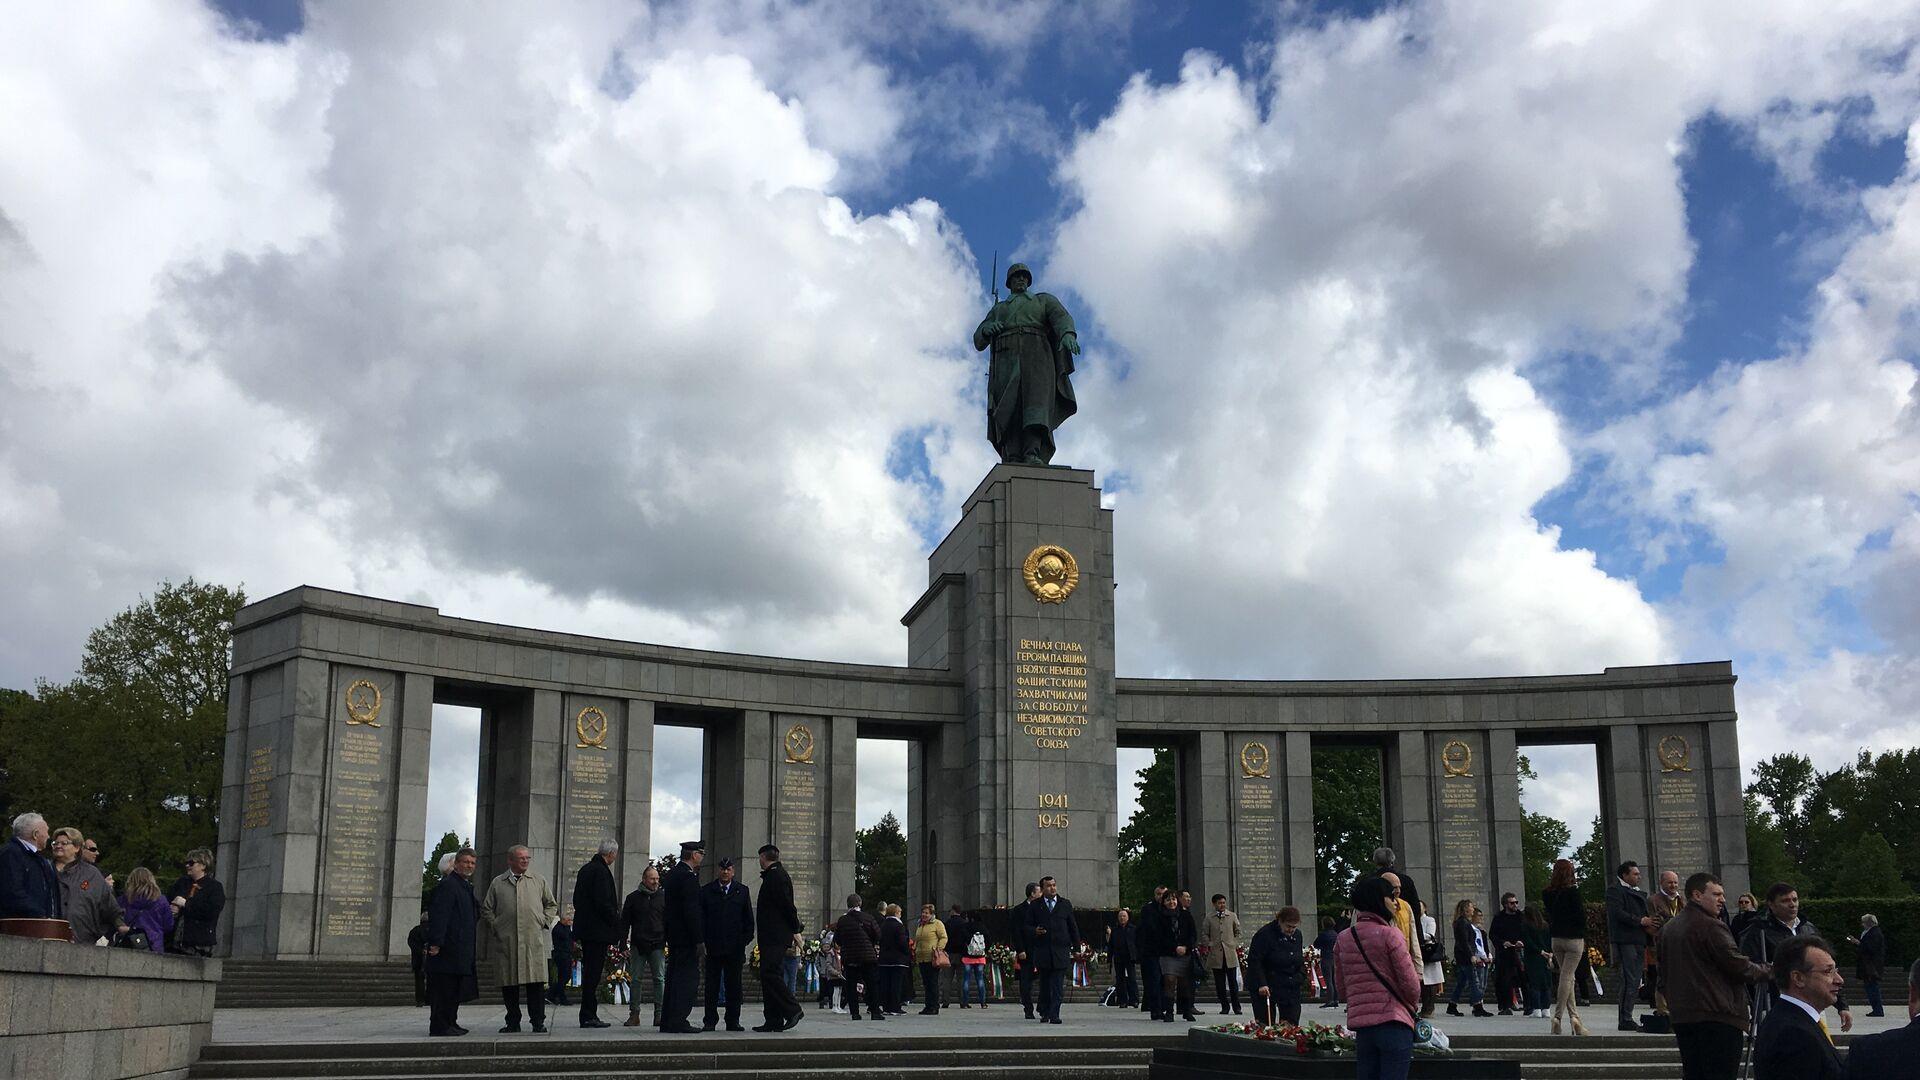 В Берлине возложили венки к мемориалу павшим советским воинам - Тиргартен - РИА Новости, 1920, 23.02.2021